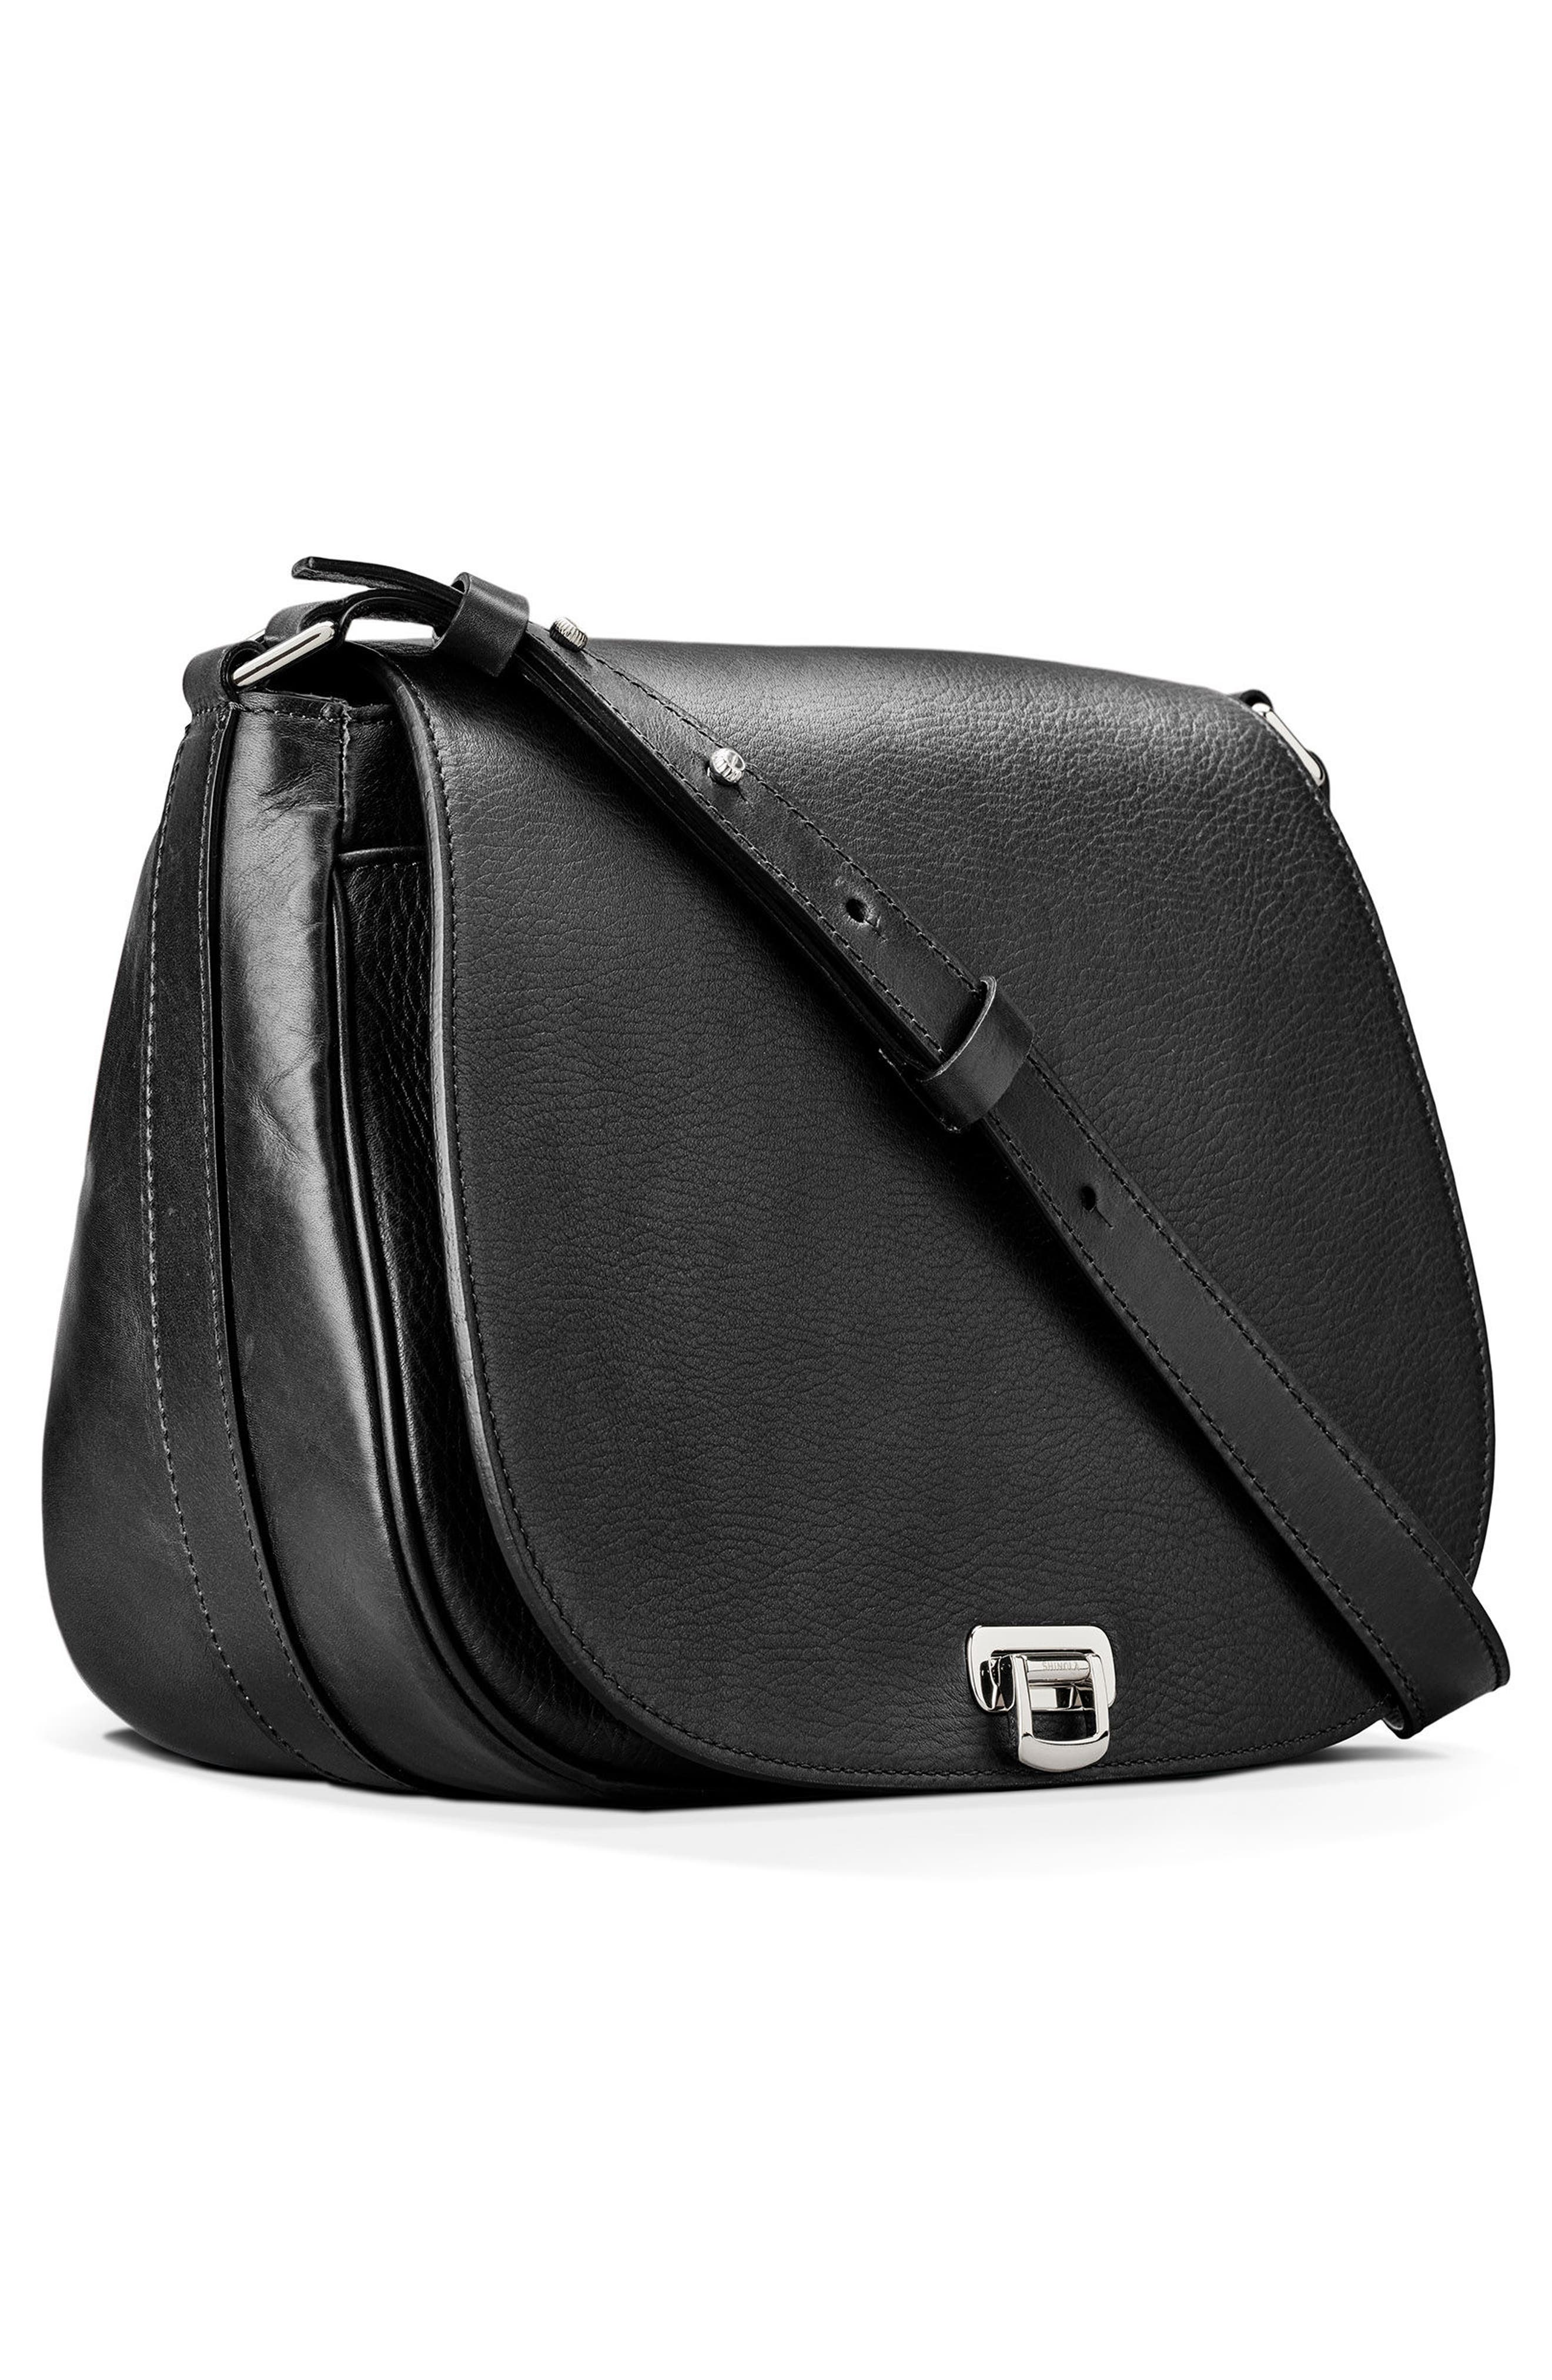 Calfskin Leather Shoulder Bag,                             Alternate thumbnail 8, color,                             001